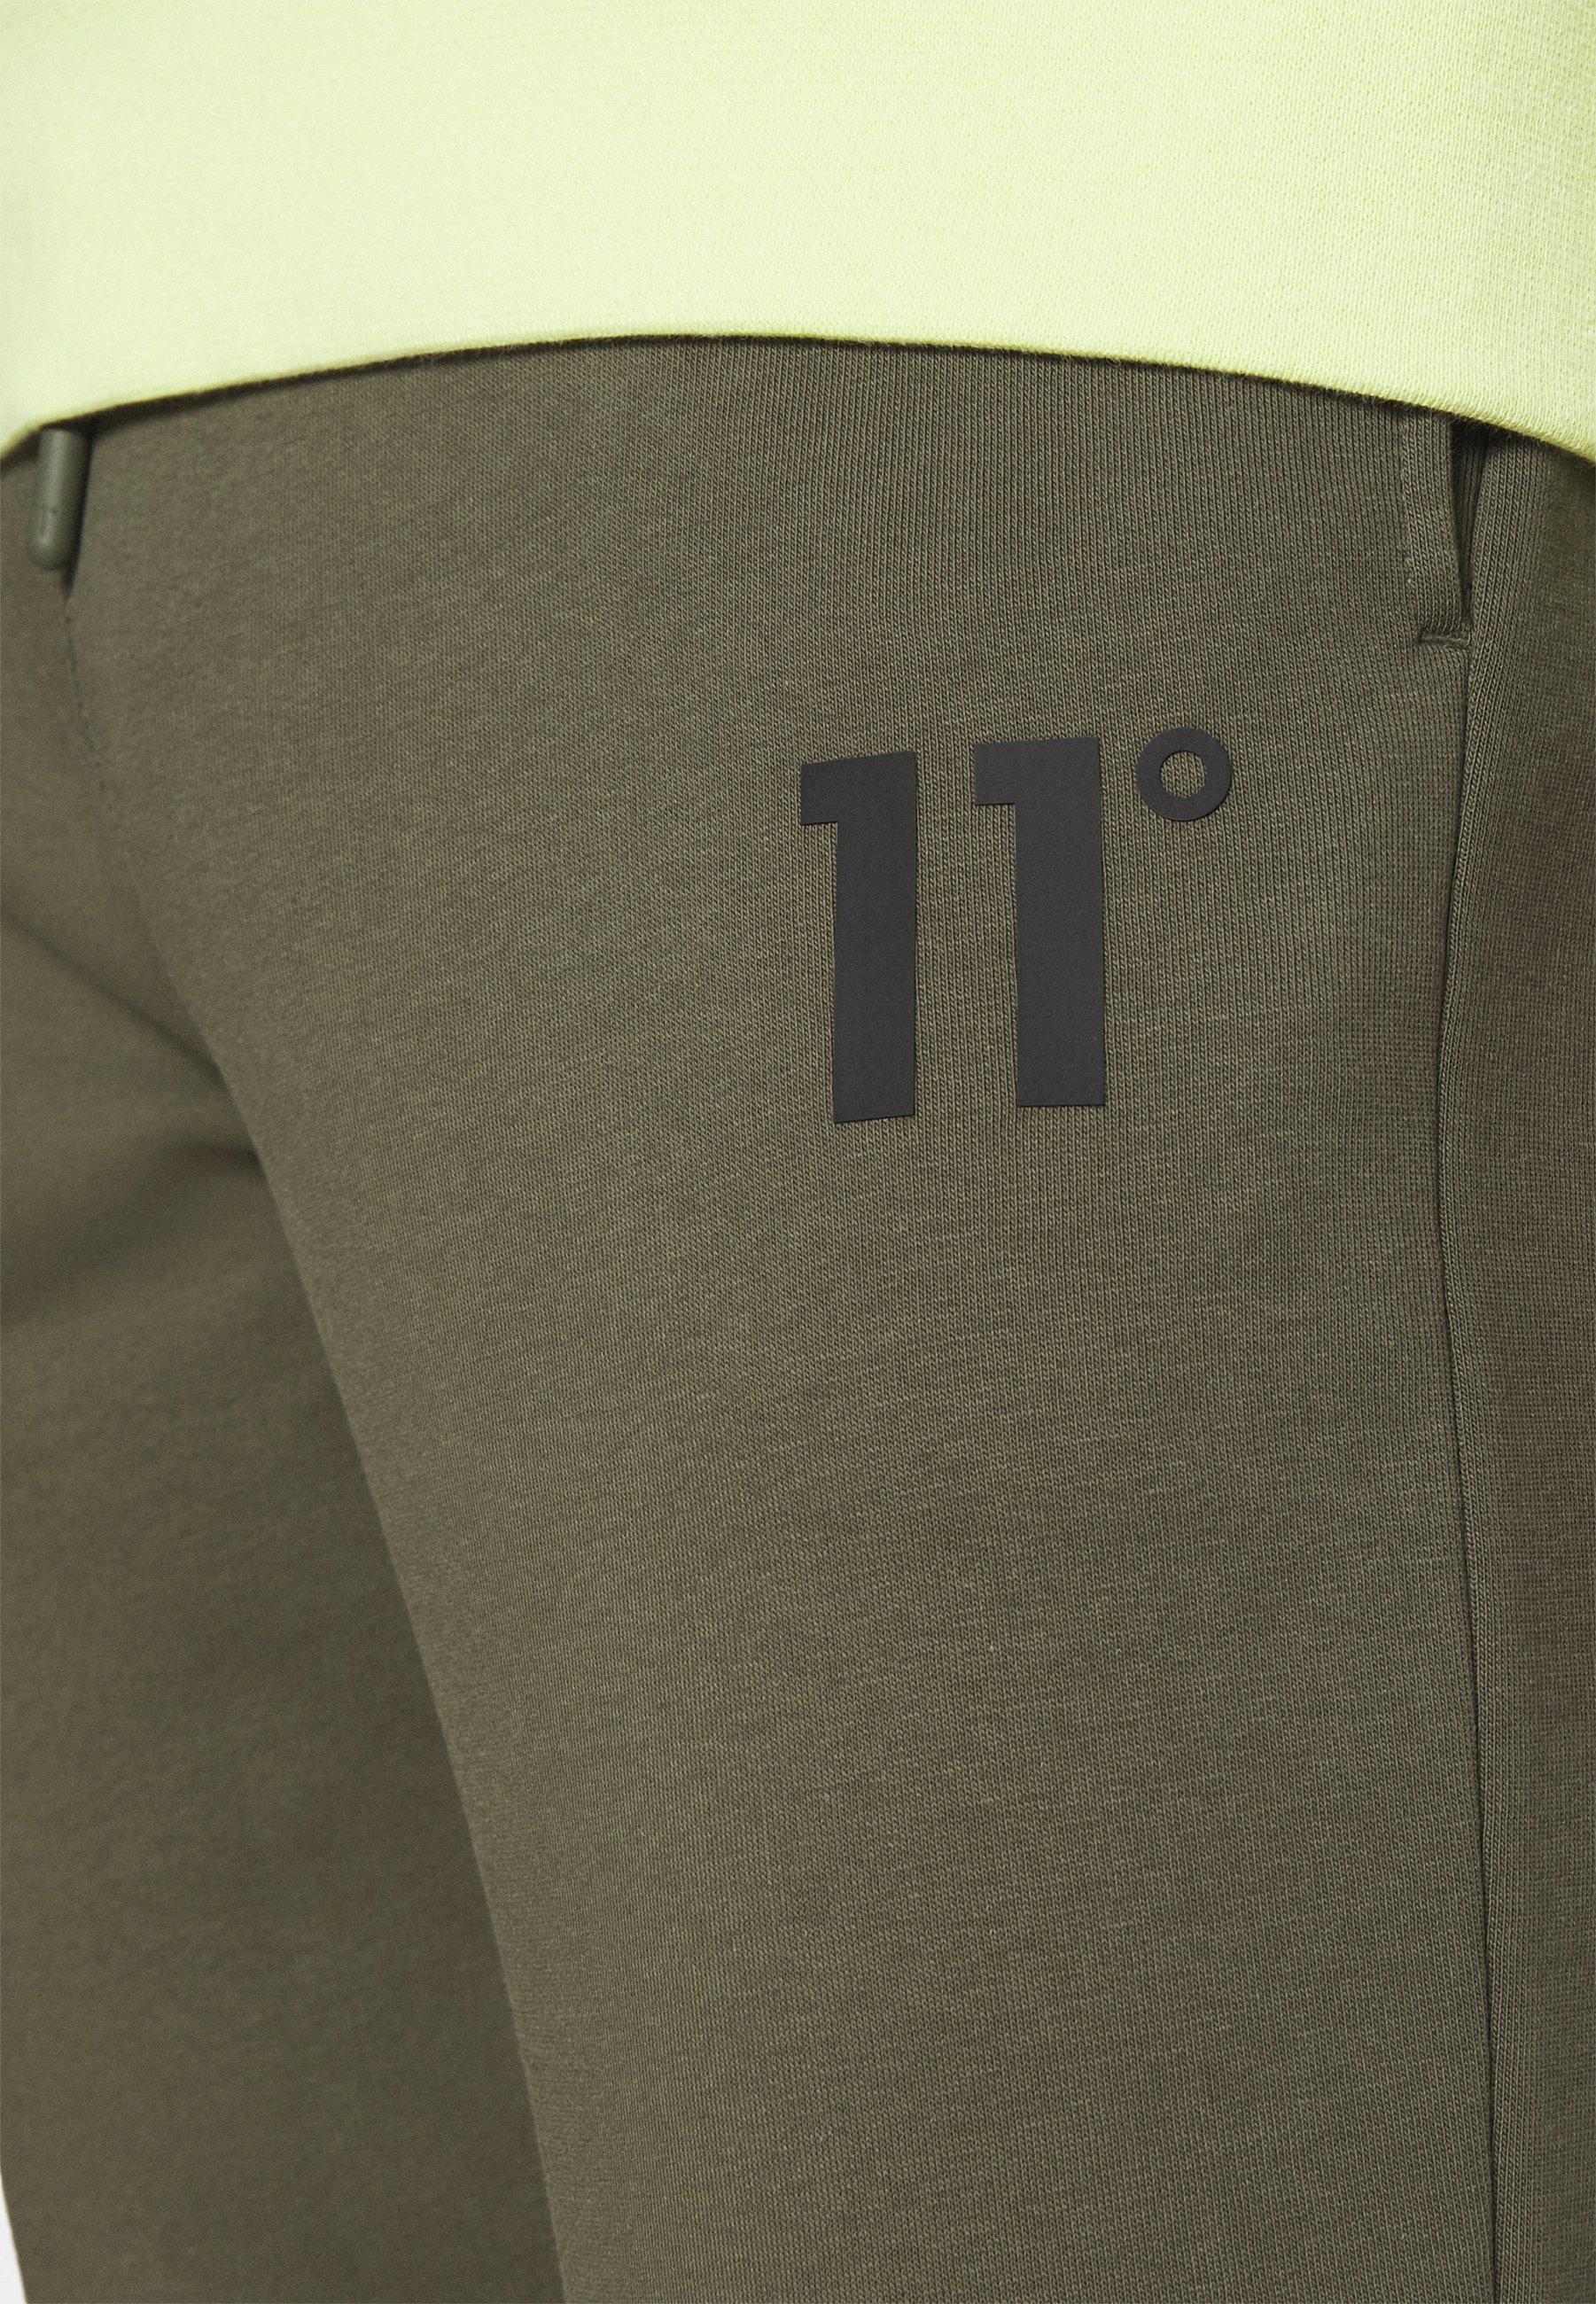 11 Degrees Jogginghose - Khaki